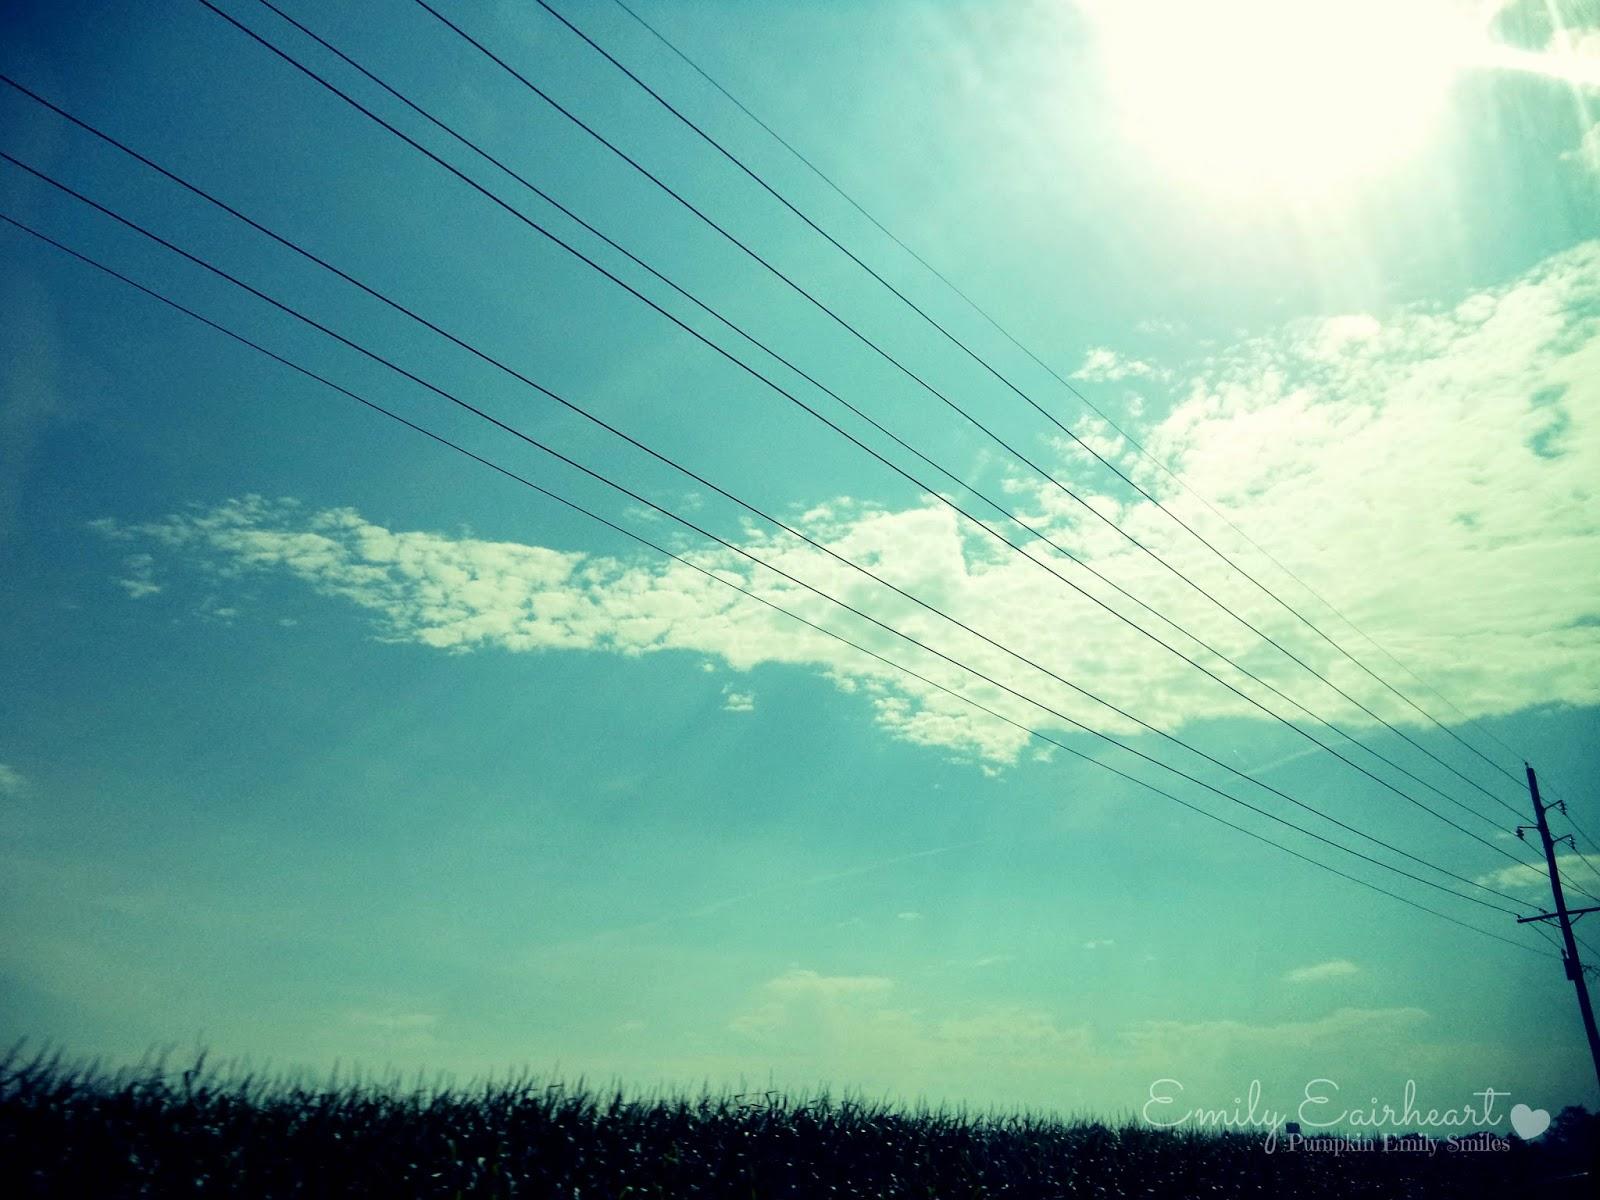 Clouds above a corn field.